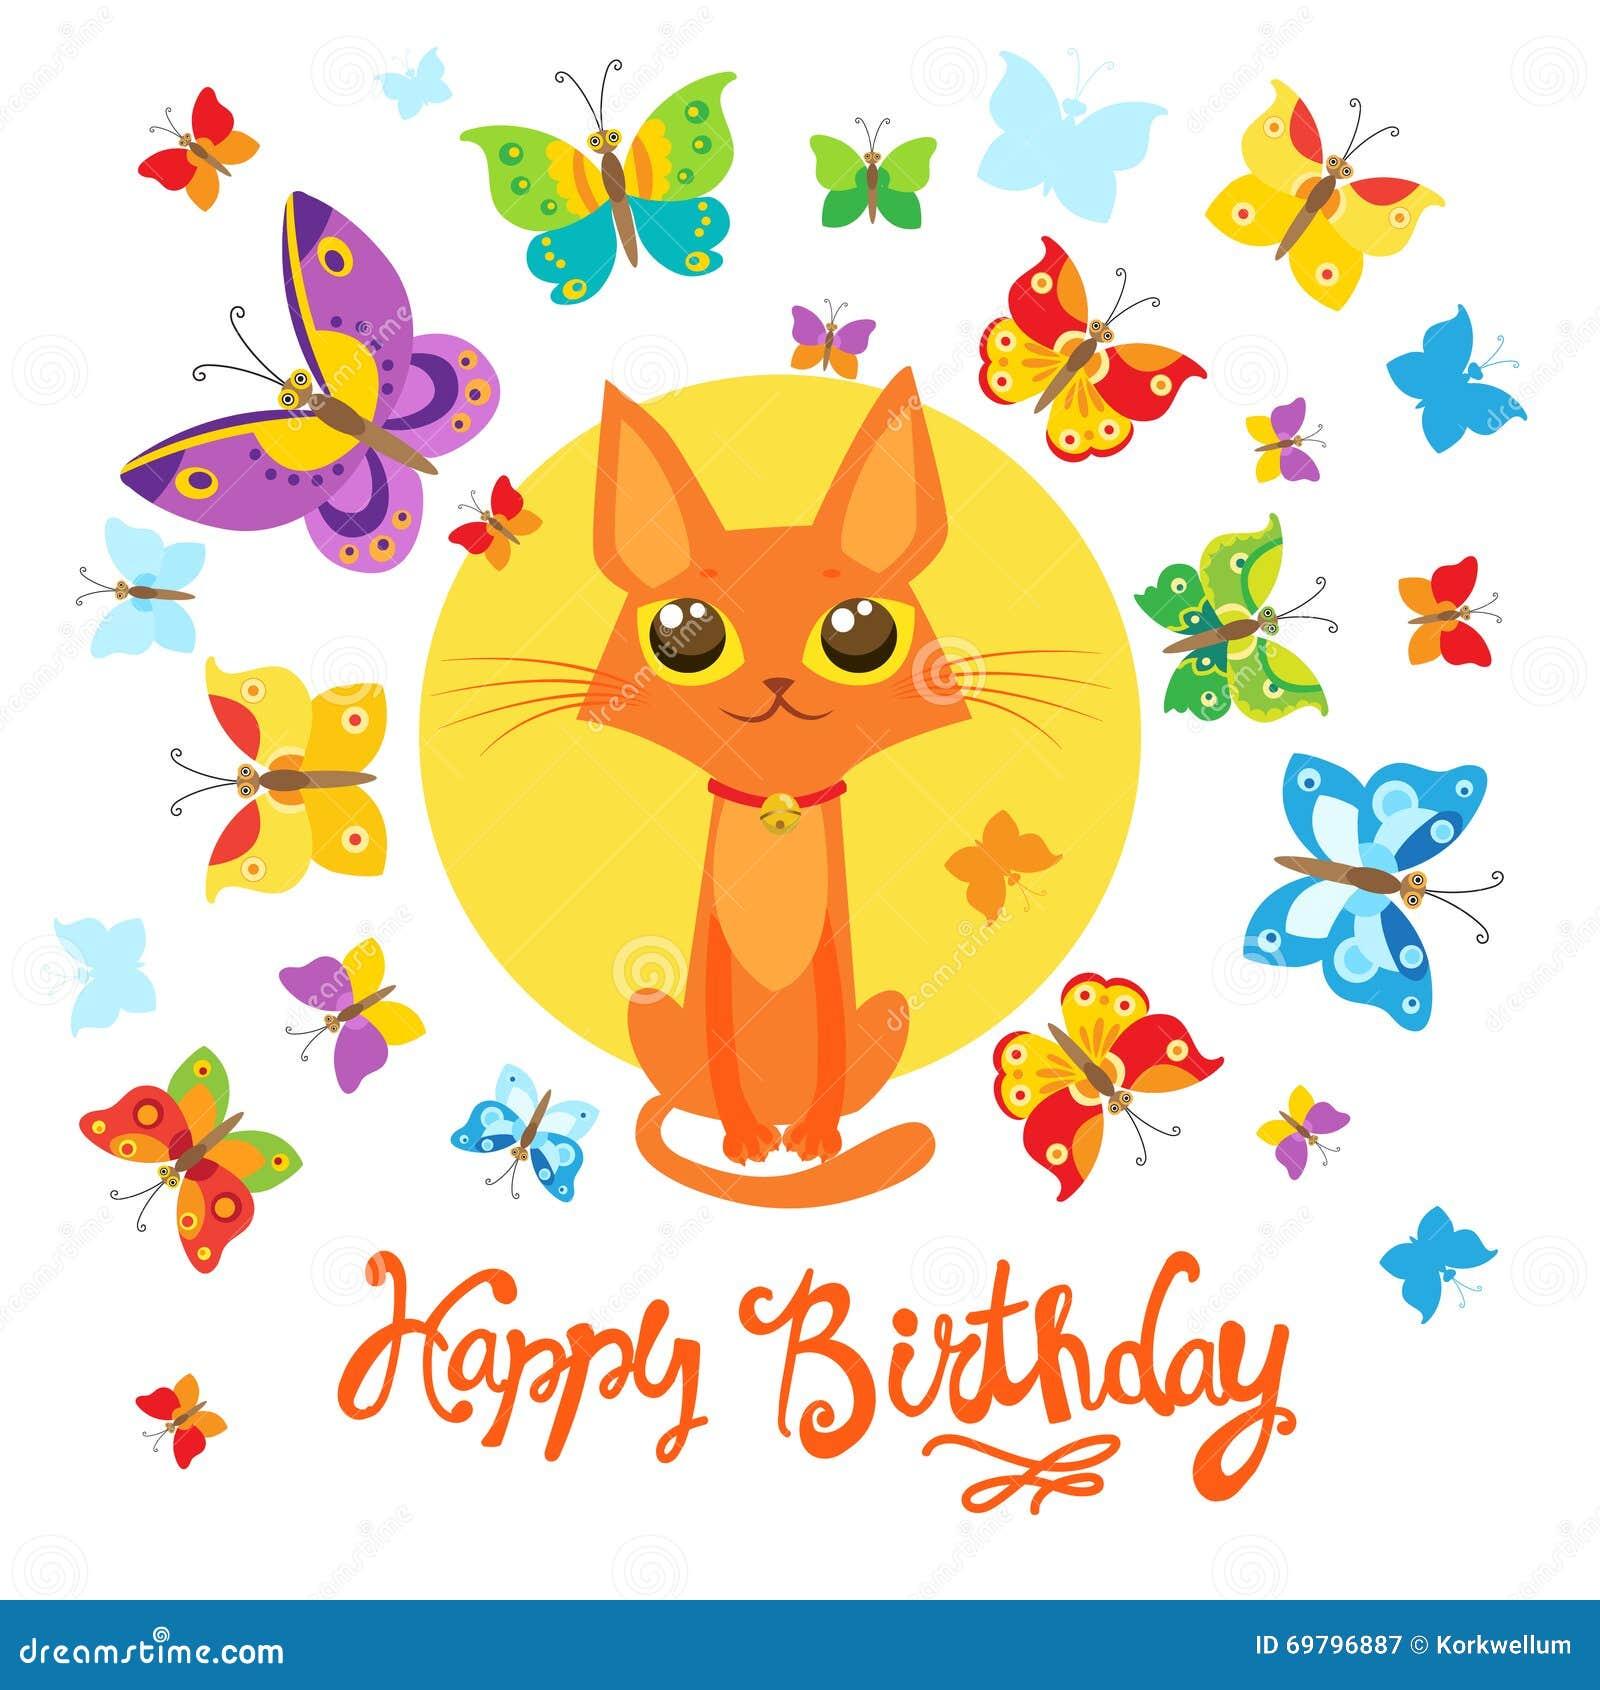 verjaardagskaart met cat and butterfly de kaart van de groet zoete